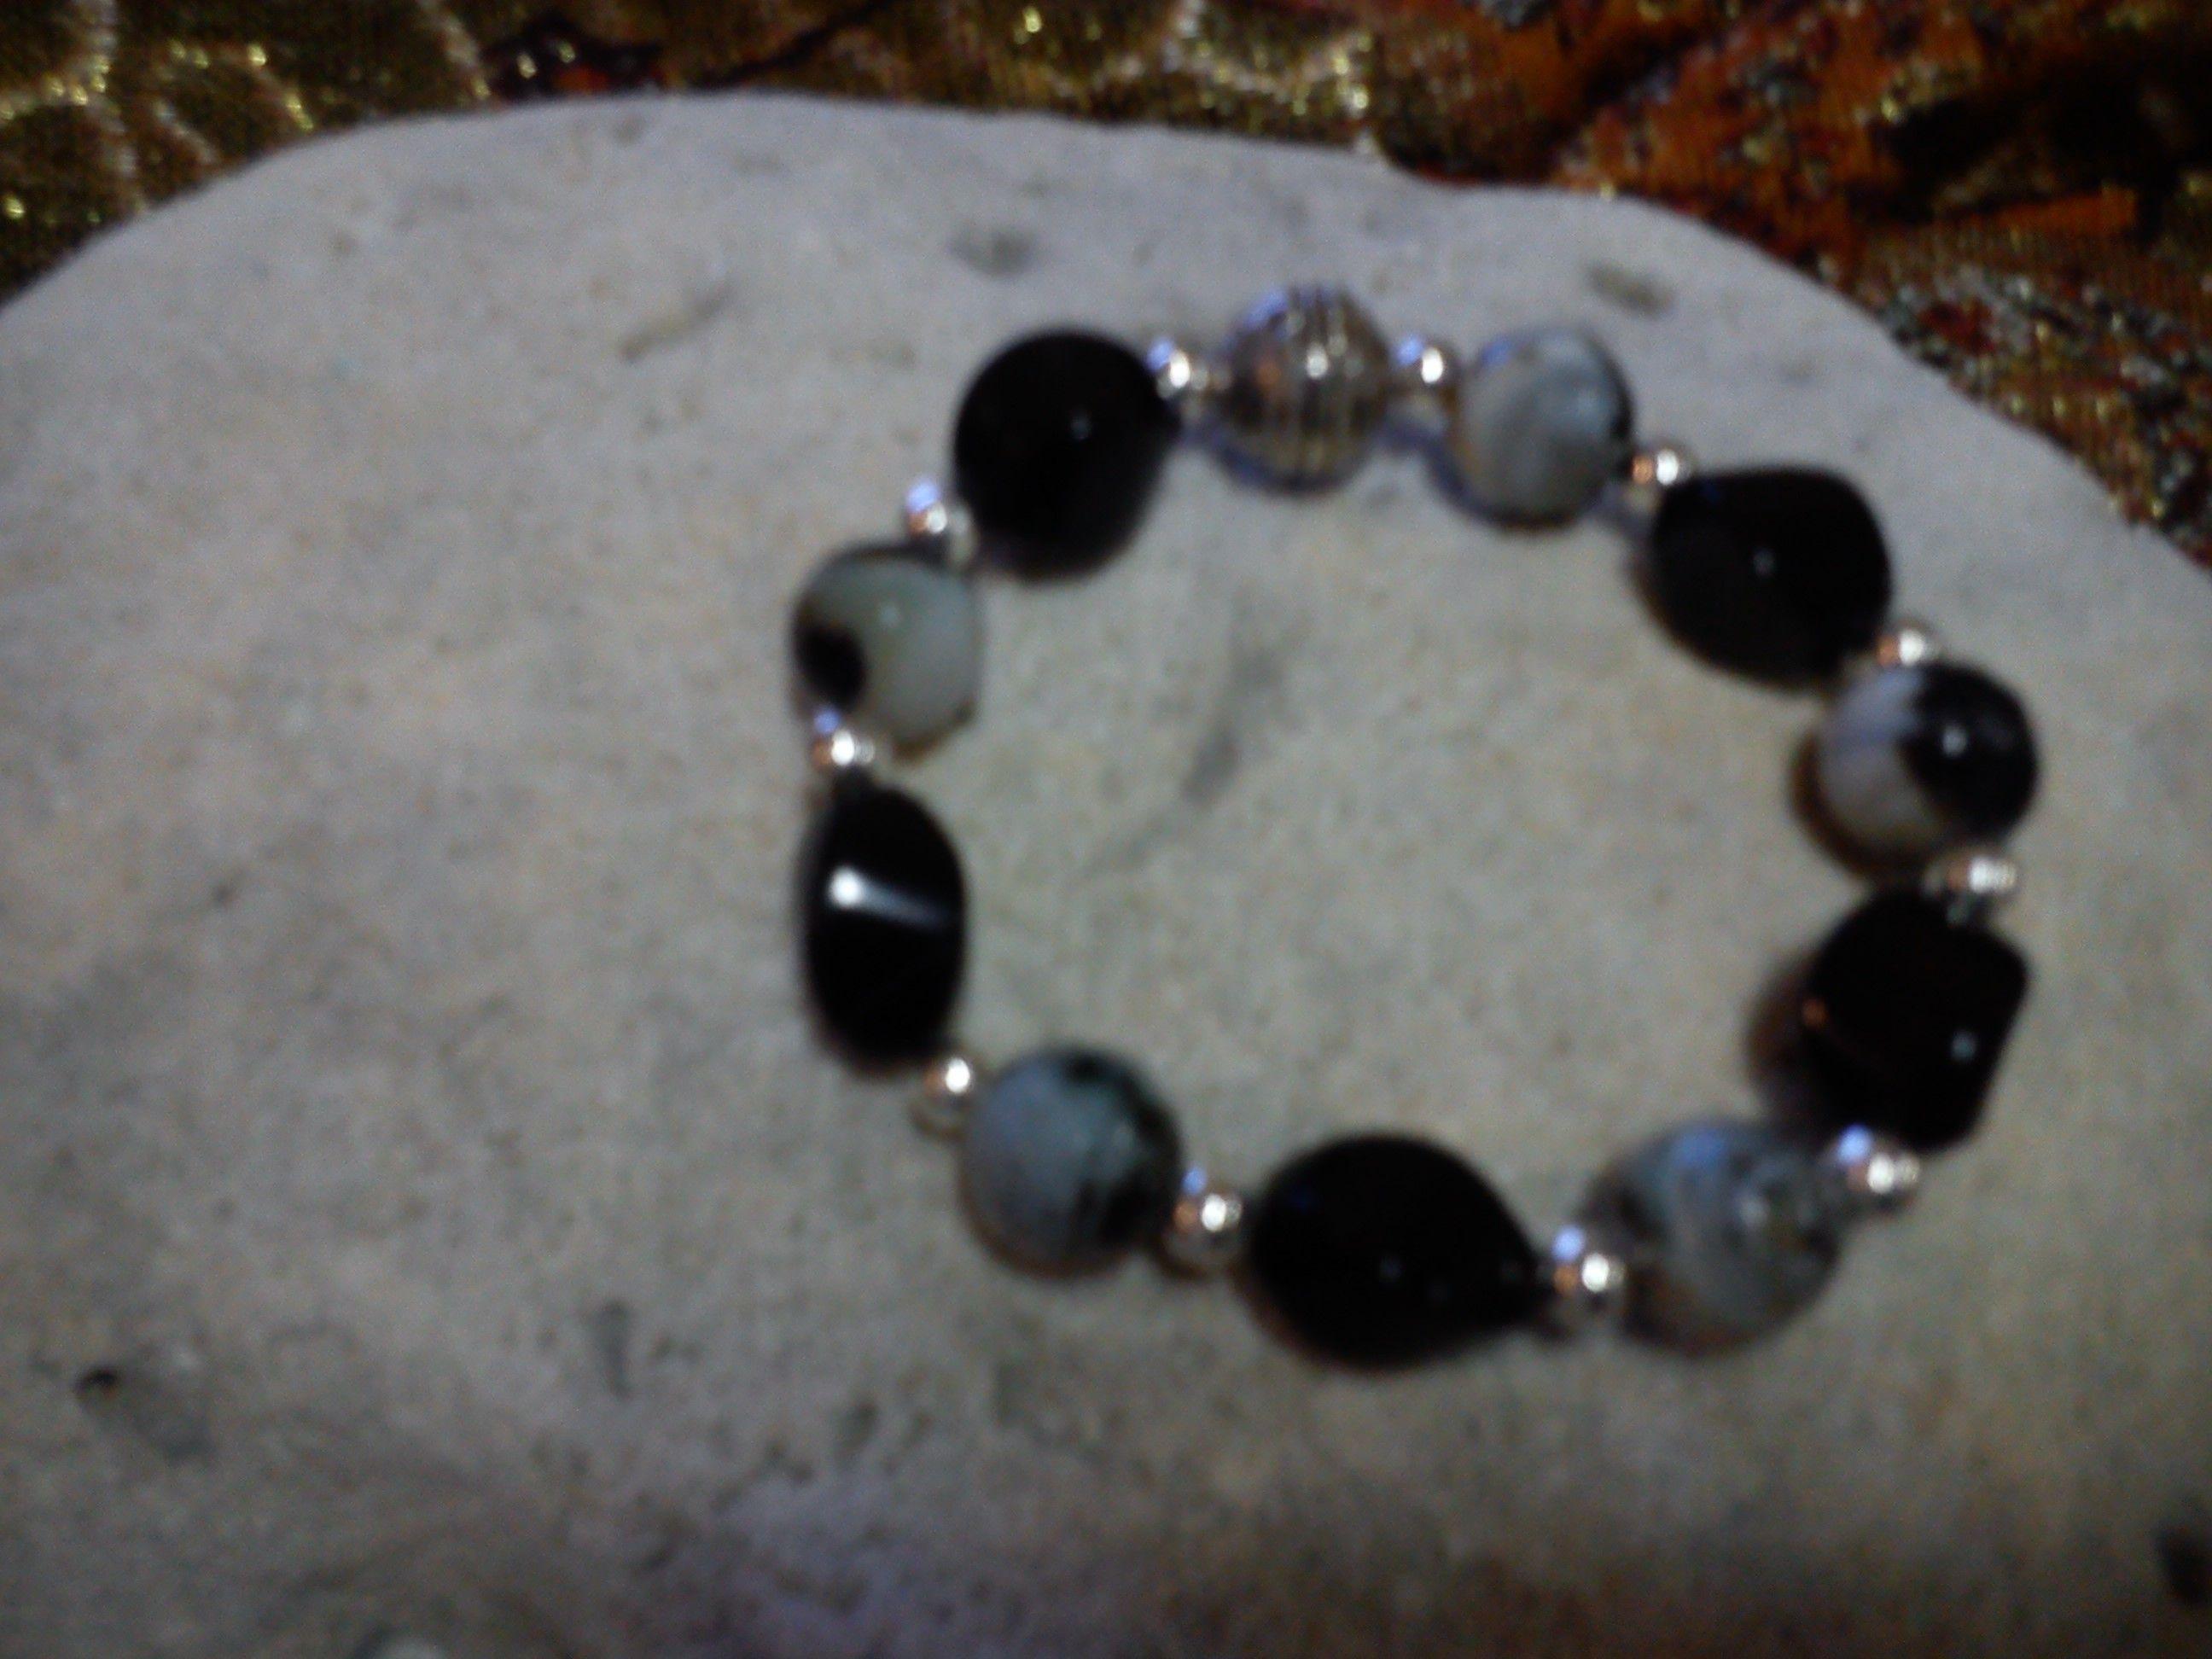 230ec558ad67 Pulsera de piedras negras con detalles metálicos color plata ...